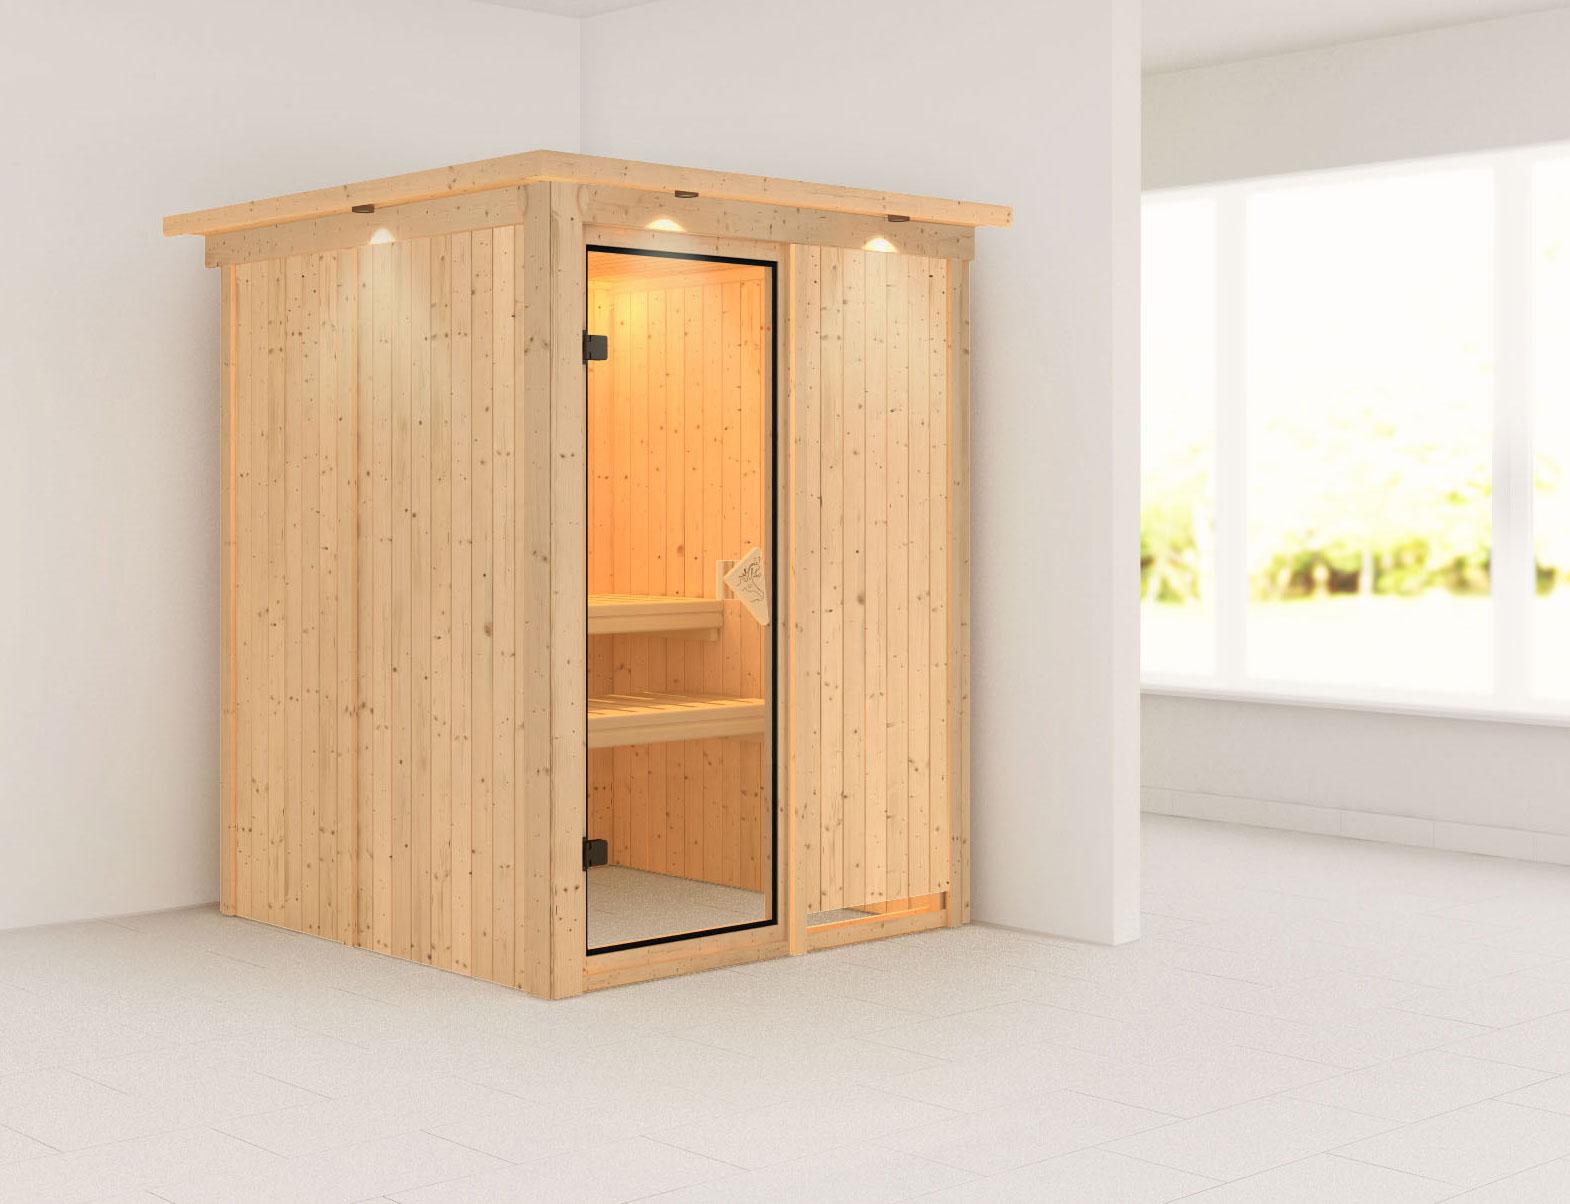 Karibu Sauna Minja 68mm 230V Dachkranz ohne Ofen classic Tür Bild 1